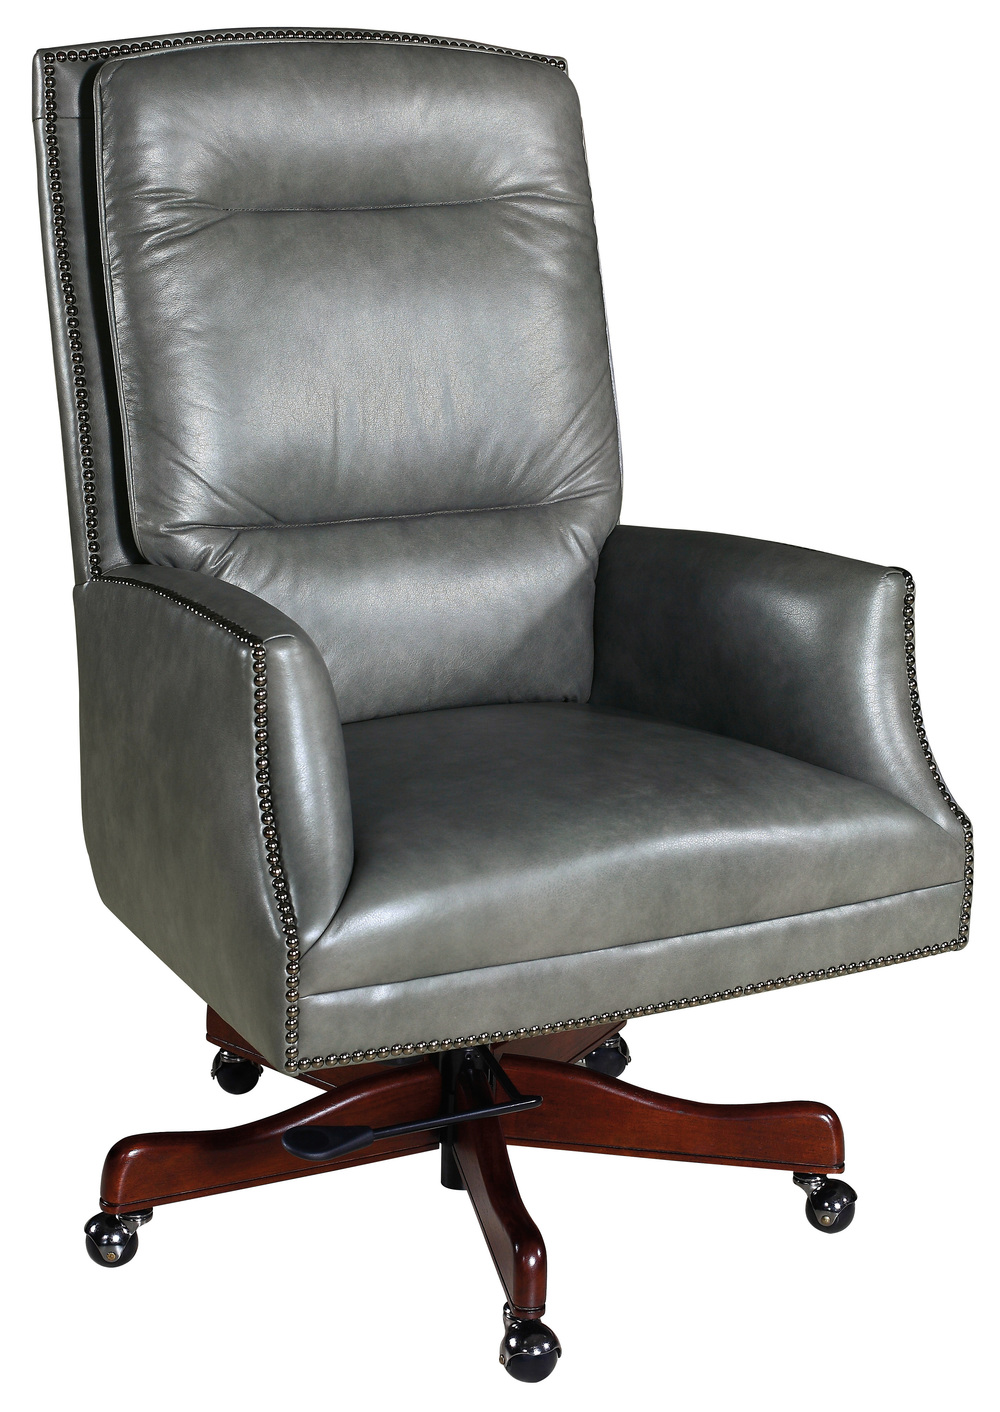 Hooker Furniture - Garrett Executive Swivel Tilt Chair